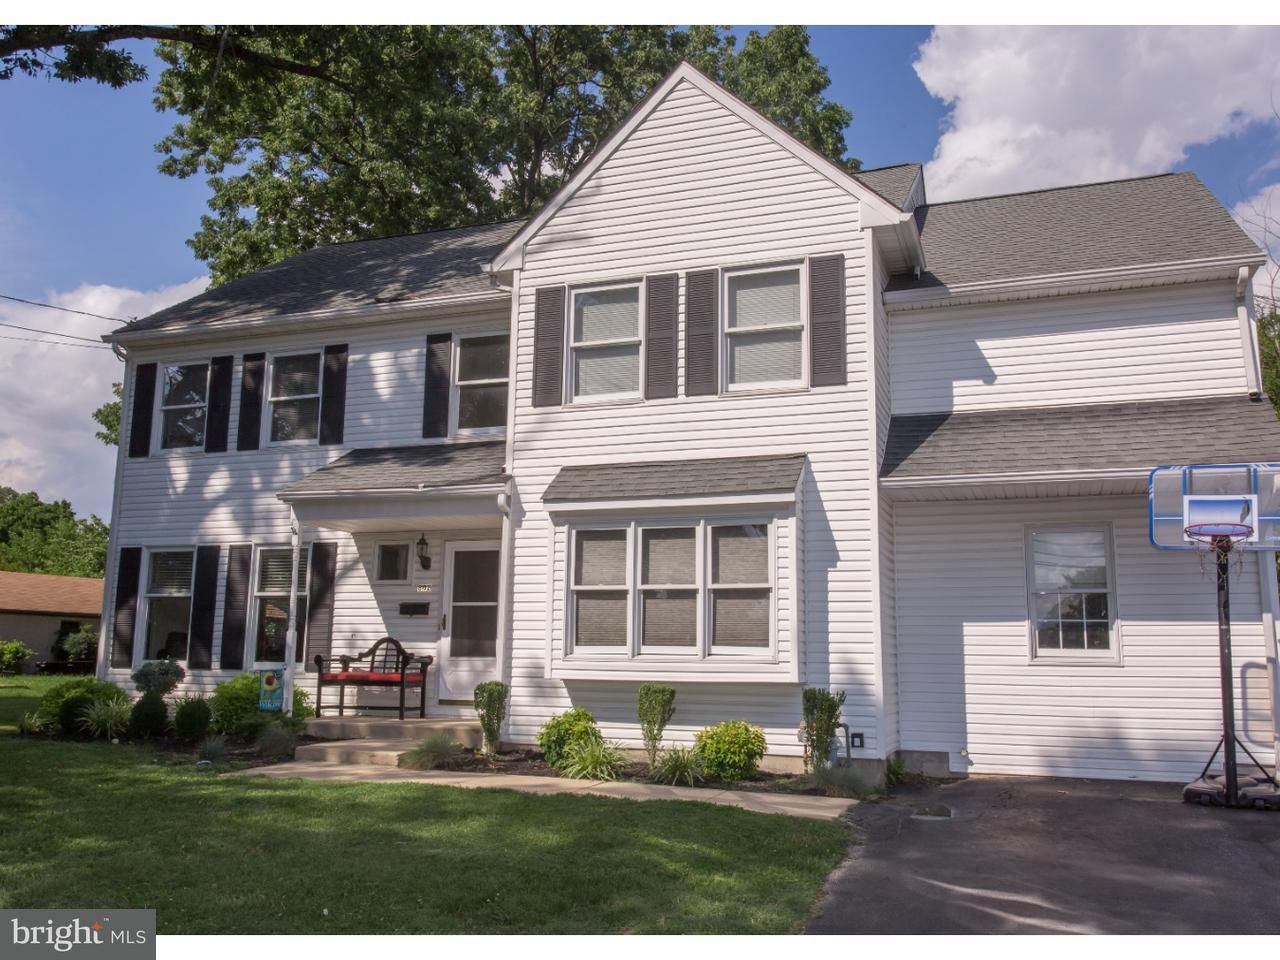 Maison unifamiliale pour l Vente à 802 AMOSLAND Road Morton, Pennsylvanie 19070 États-Unis